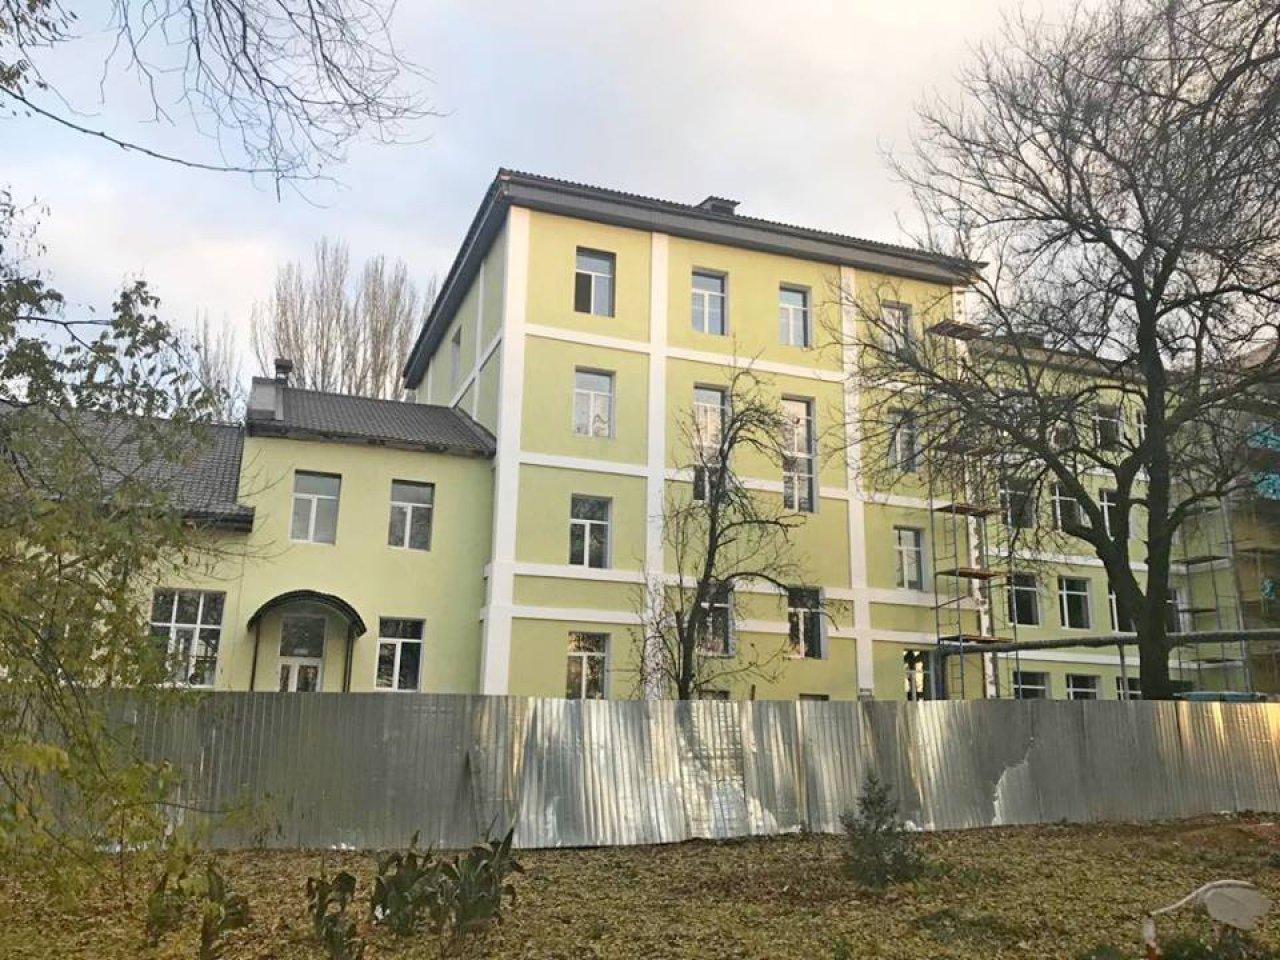 В Николаеве продолжает реконструкция школы-интерната №3 - стоимость работ превышает 27,6 млн грн, фото-4